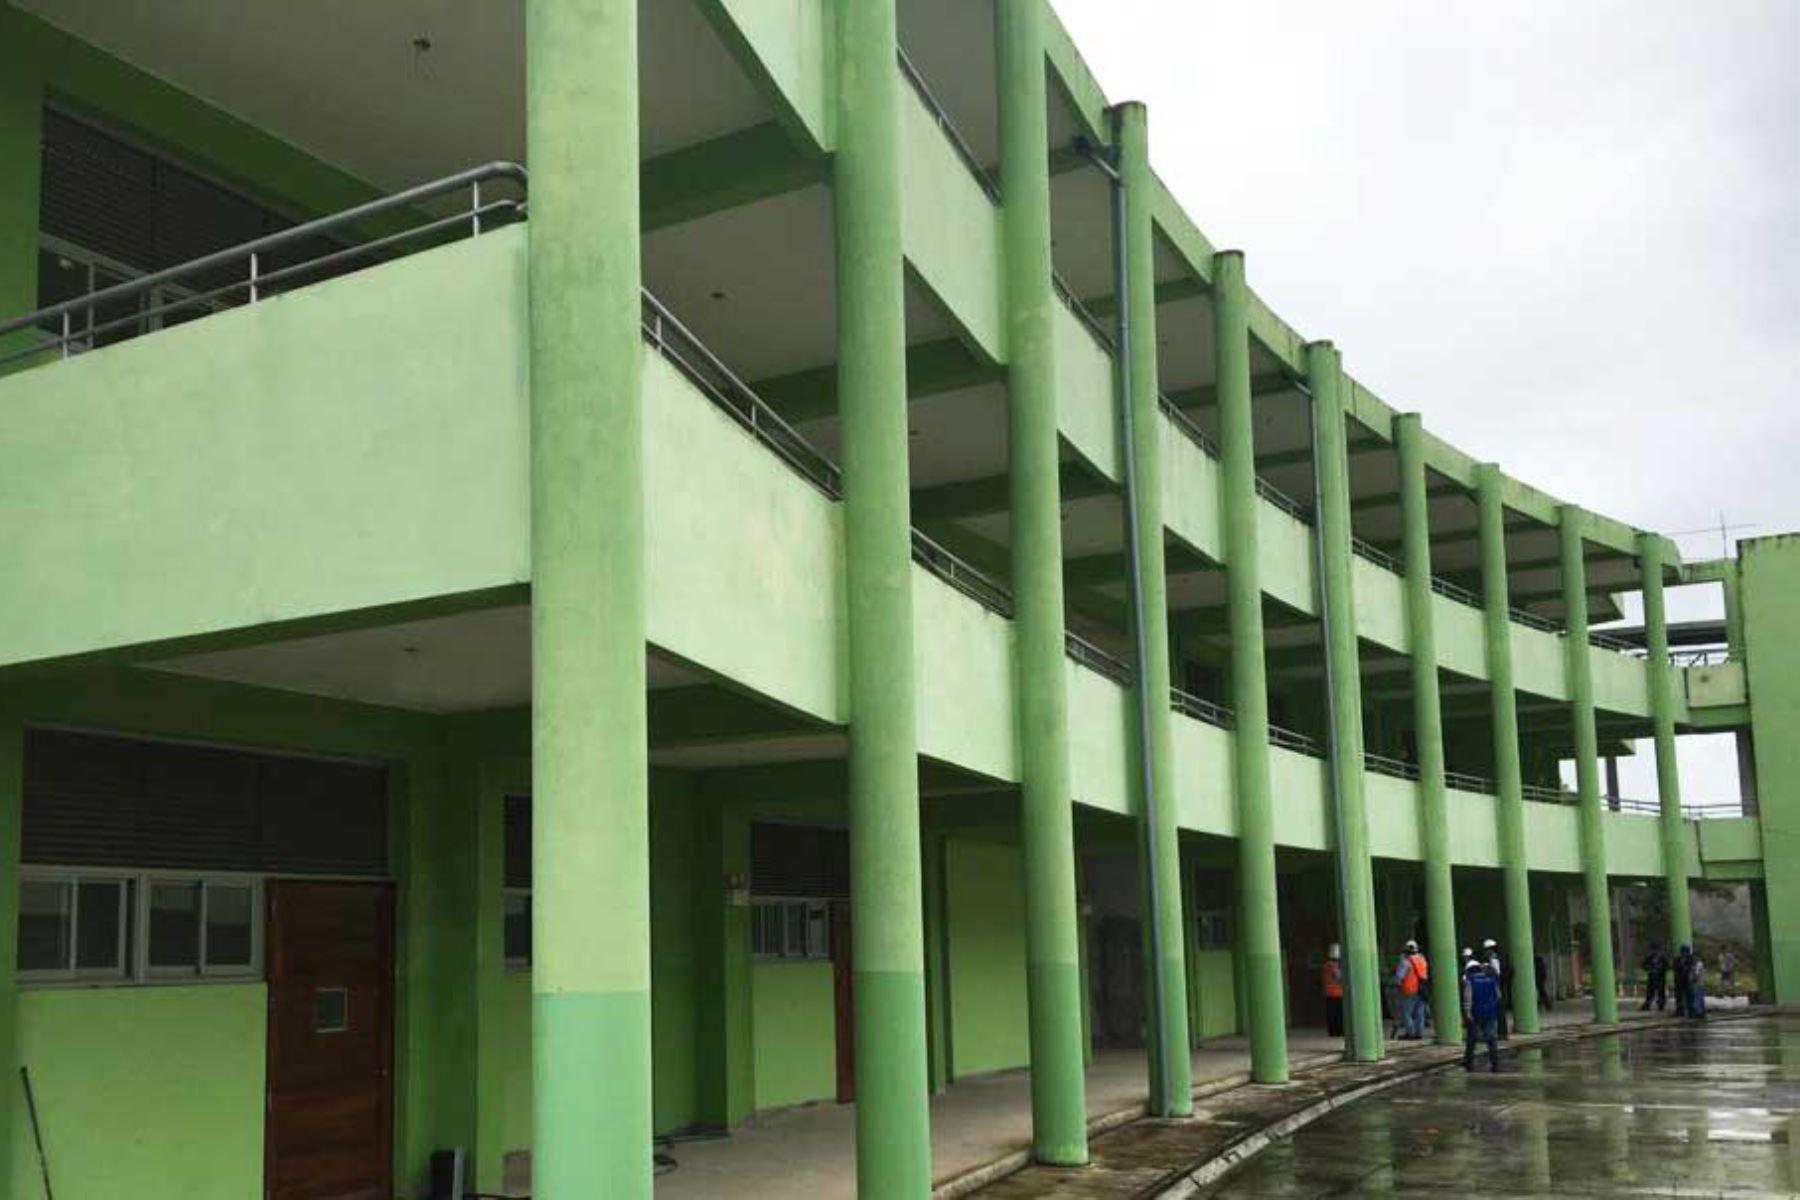 La brecha en infraestructura educativa se está reduciendo.Foto:  ANDINA/Difusión